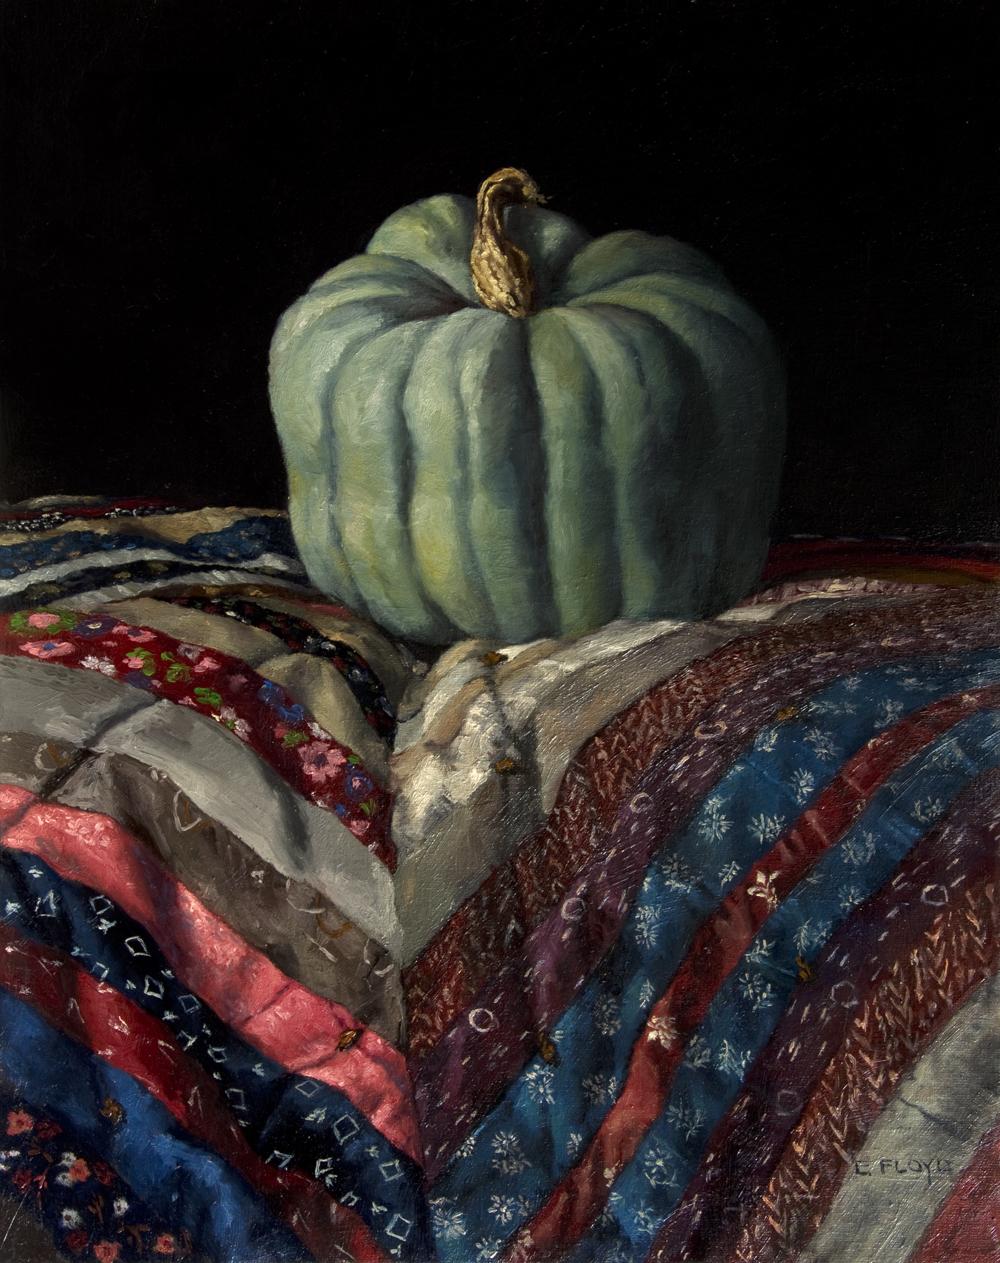 Hubbard Pumpkin by Elizabeth Floyd, oil on linen, 20 x 16 inches